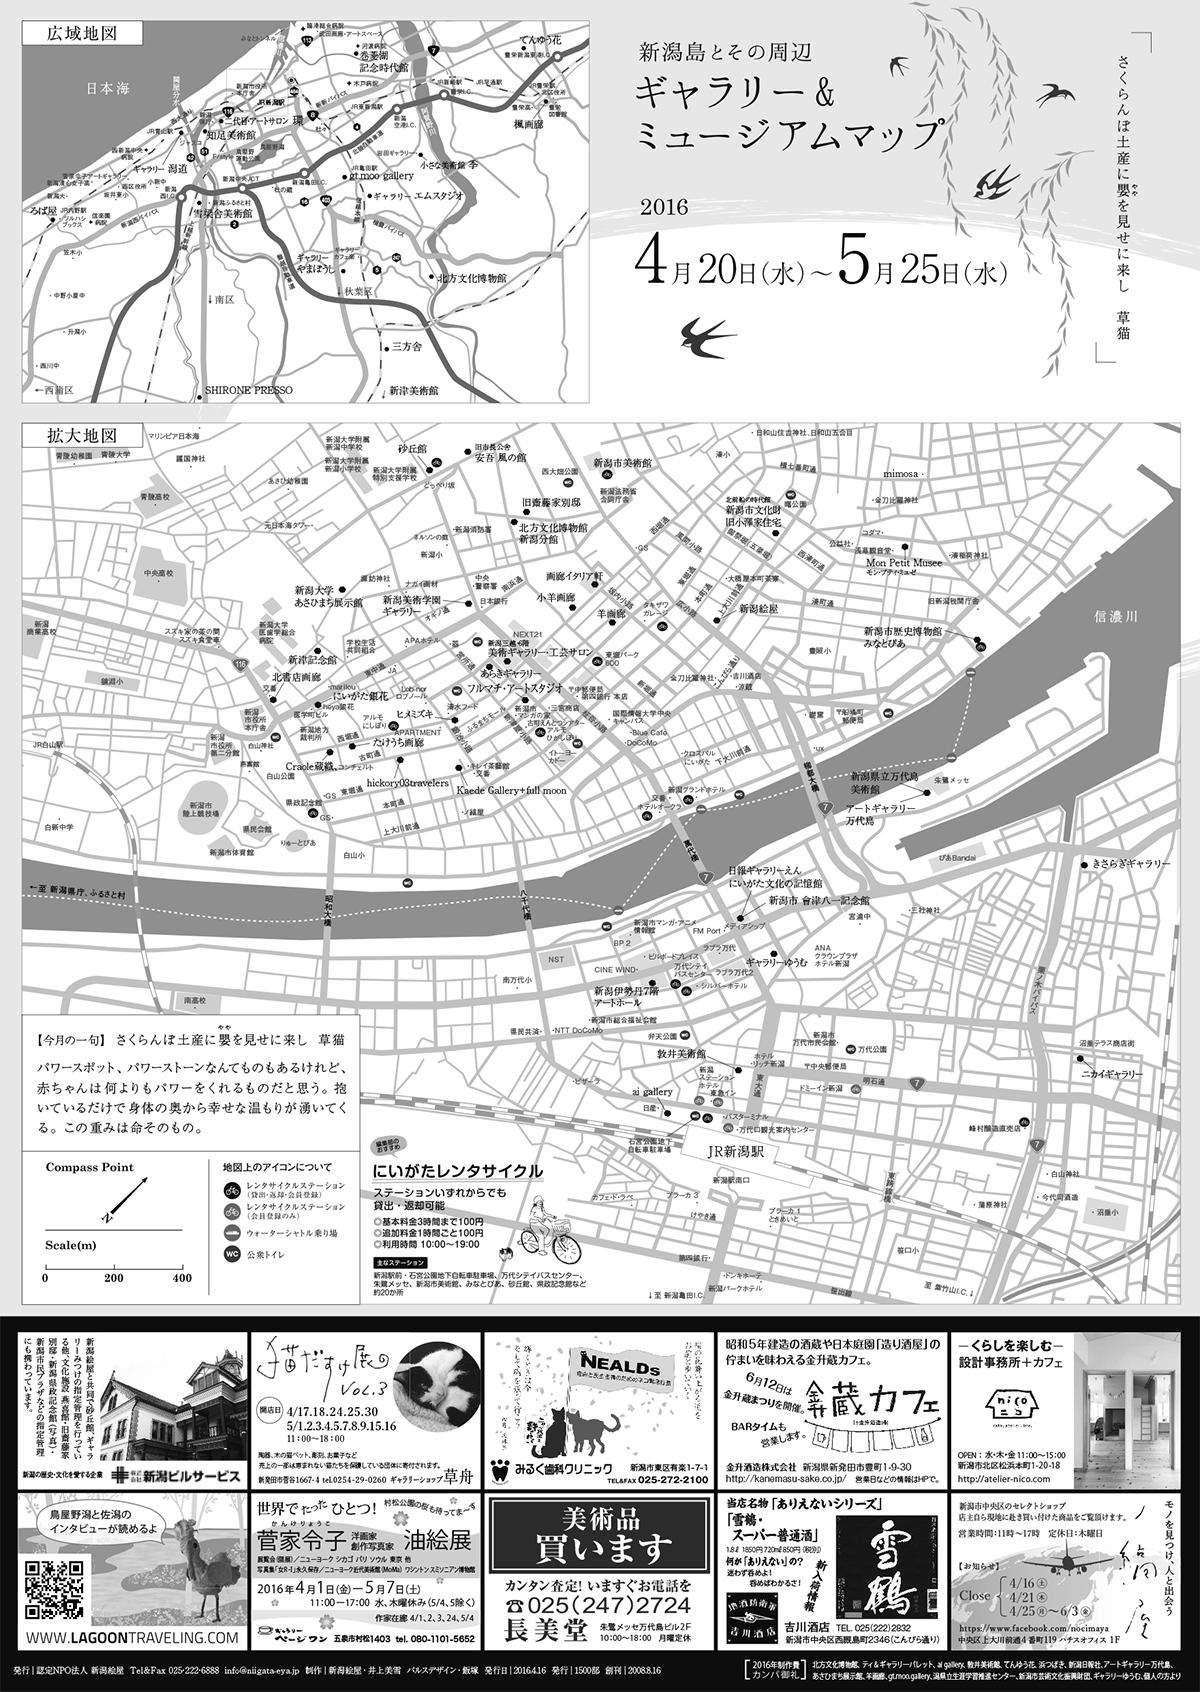 ギャラリー&ミュージアムマップ 2016年4-5月号